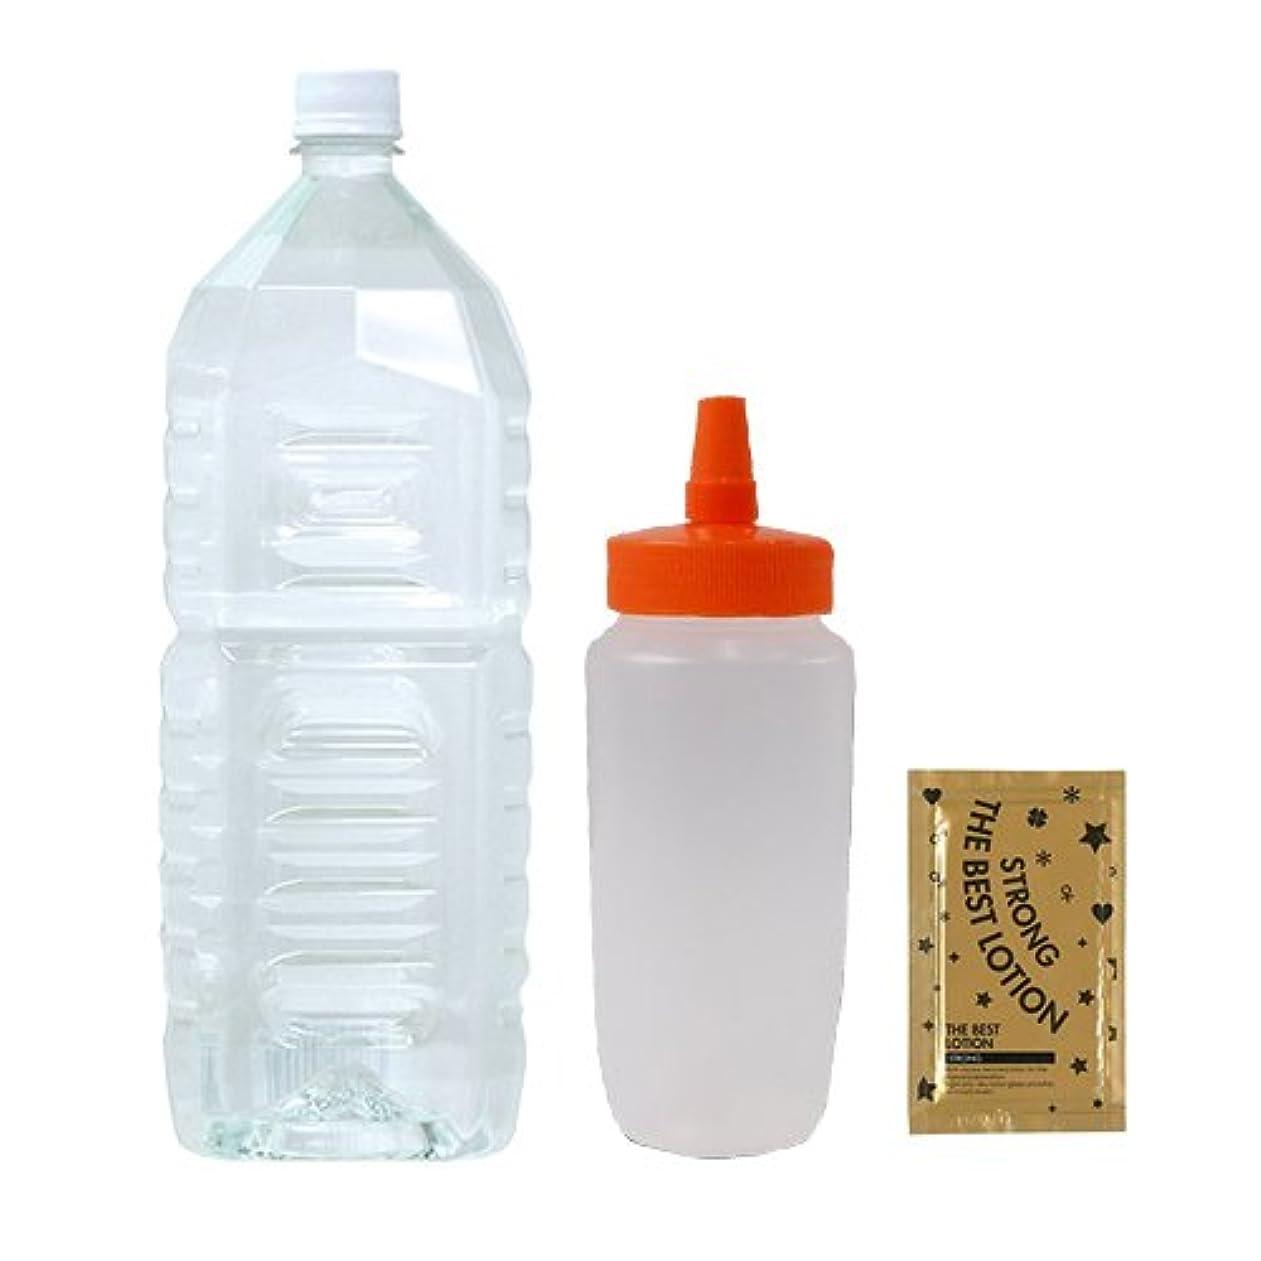 ベット軌道カードクリアローション 2Lペットボトル ハードタイプ(5倍濃縮原液)+ はちみつ容器740ml(オレンジキャップ)+ ベストローションストロング 1包付き セット